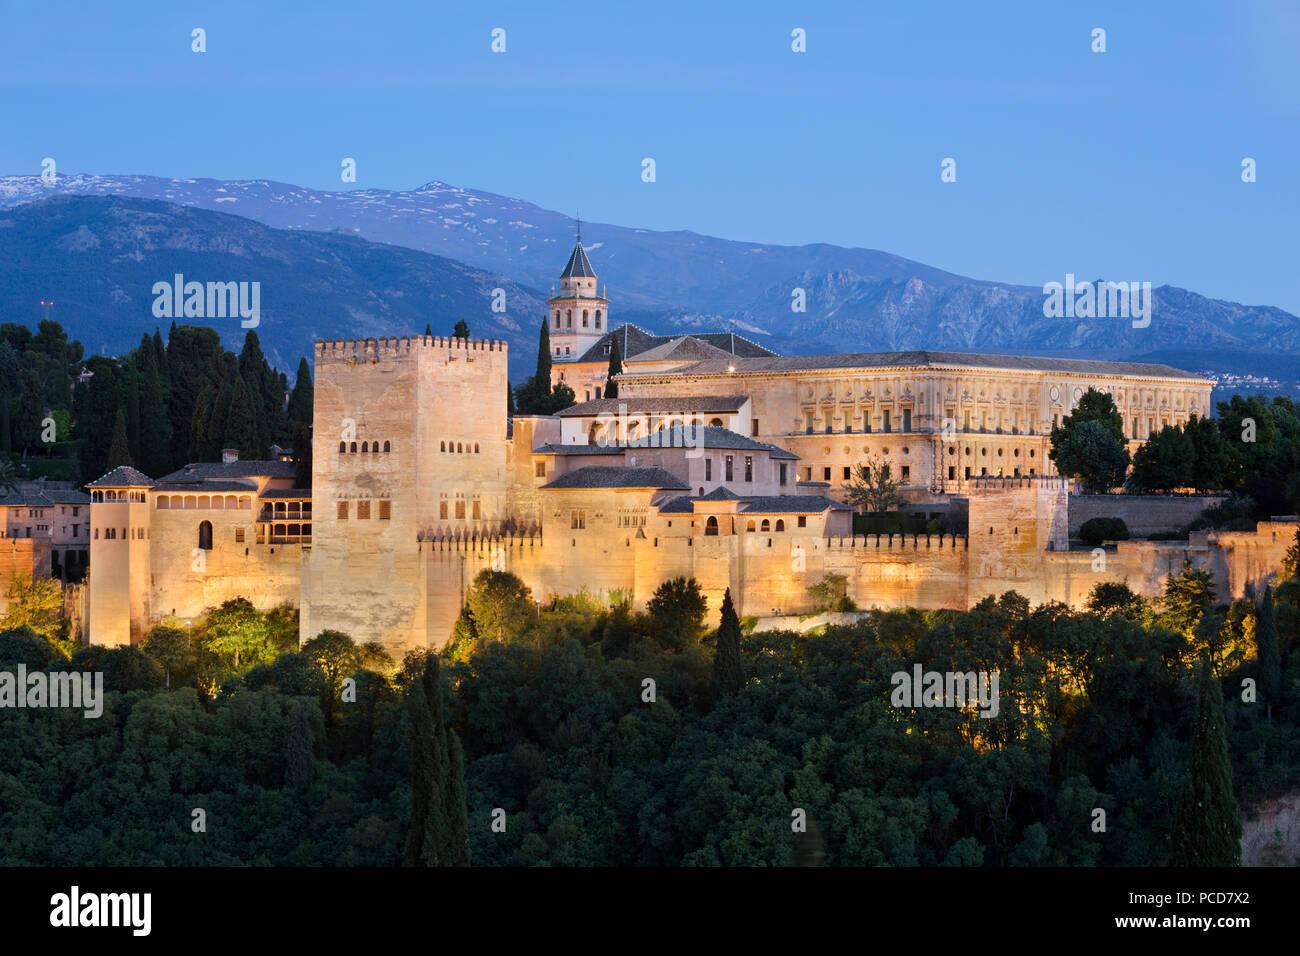 La Alhambra, Sito Patrimonio Mondiale dell'UNESCO, e Sierra Nevada dal Mirador de San Nicolas, Granada, Andalusia, Spagna, Europa Immagini Stock